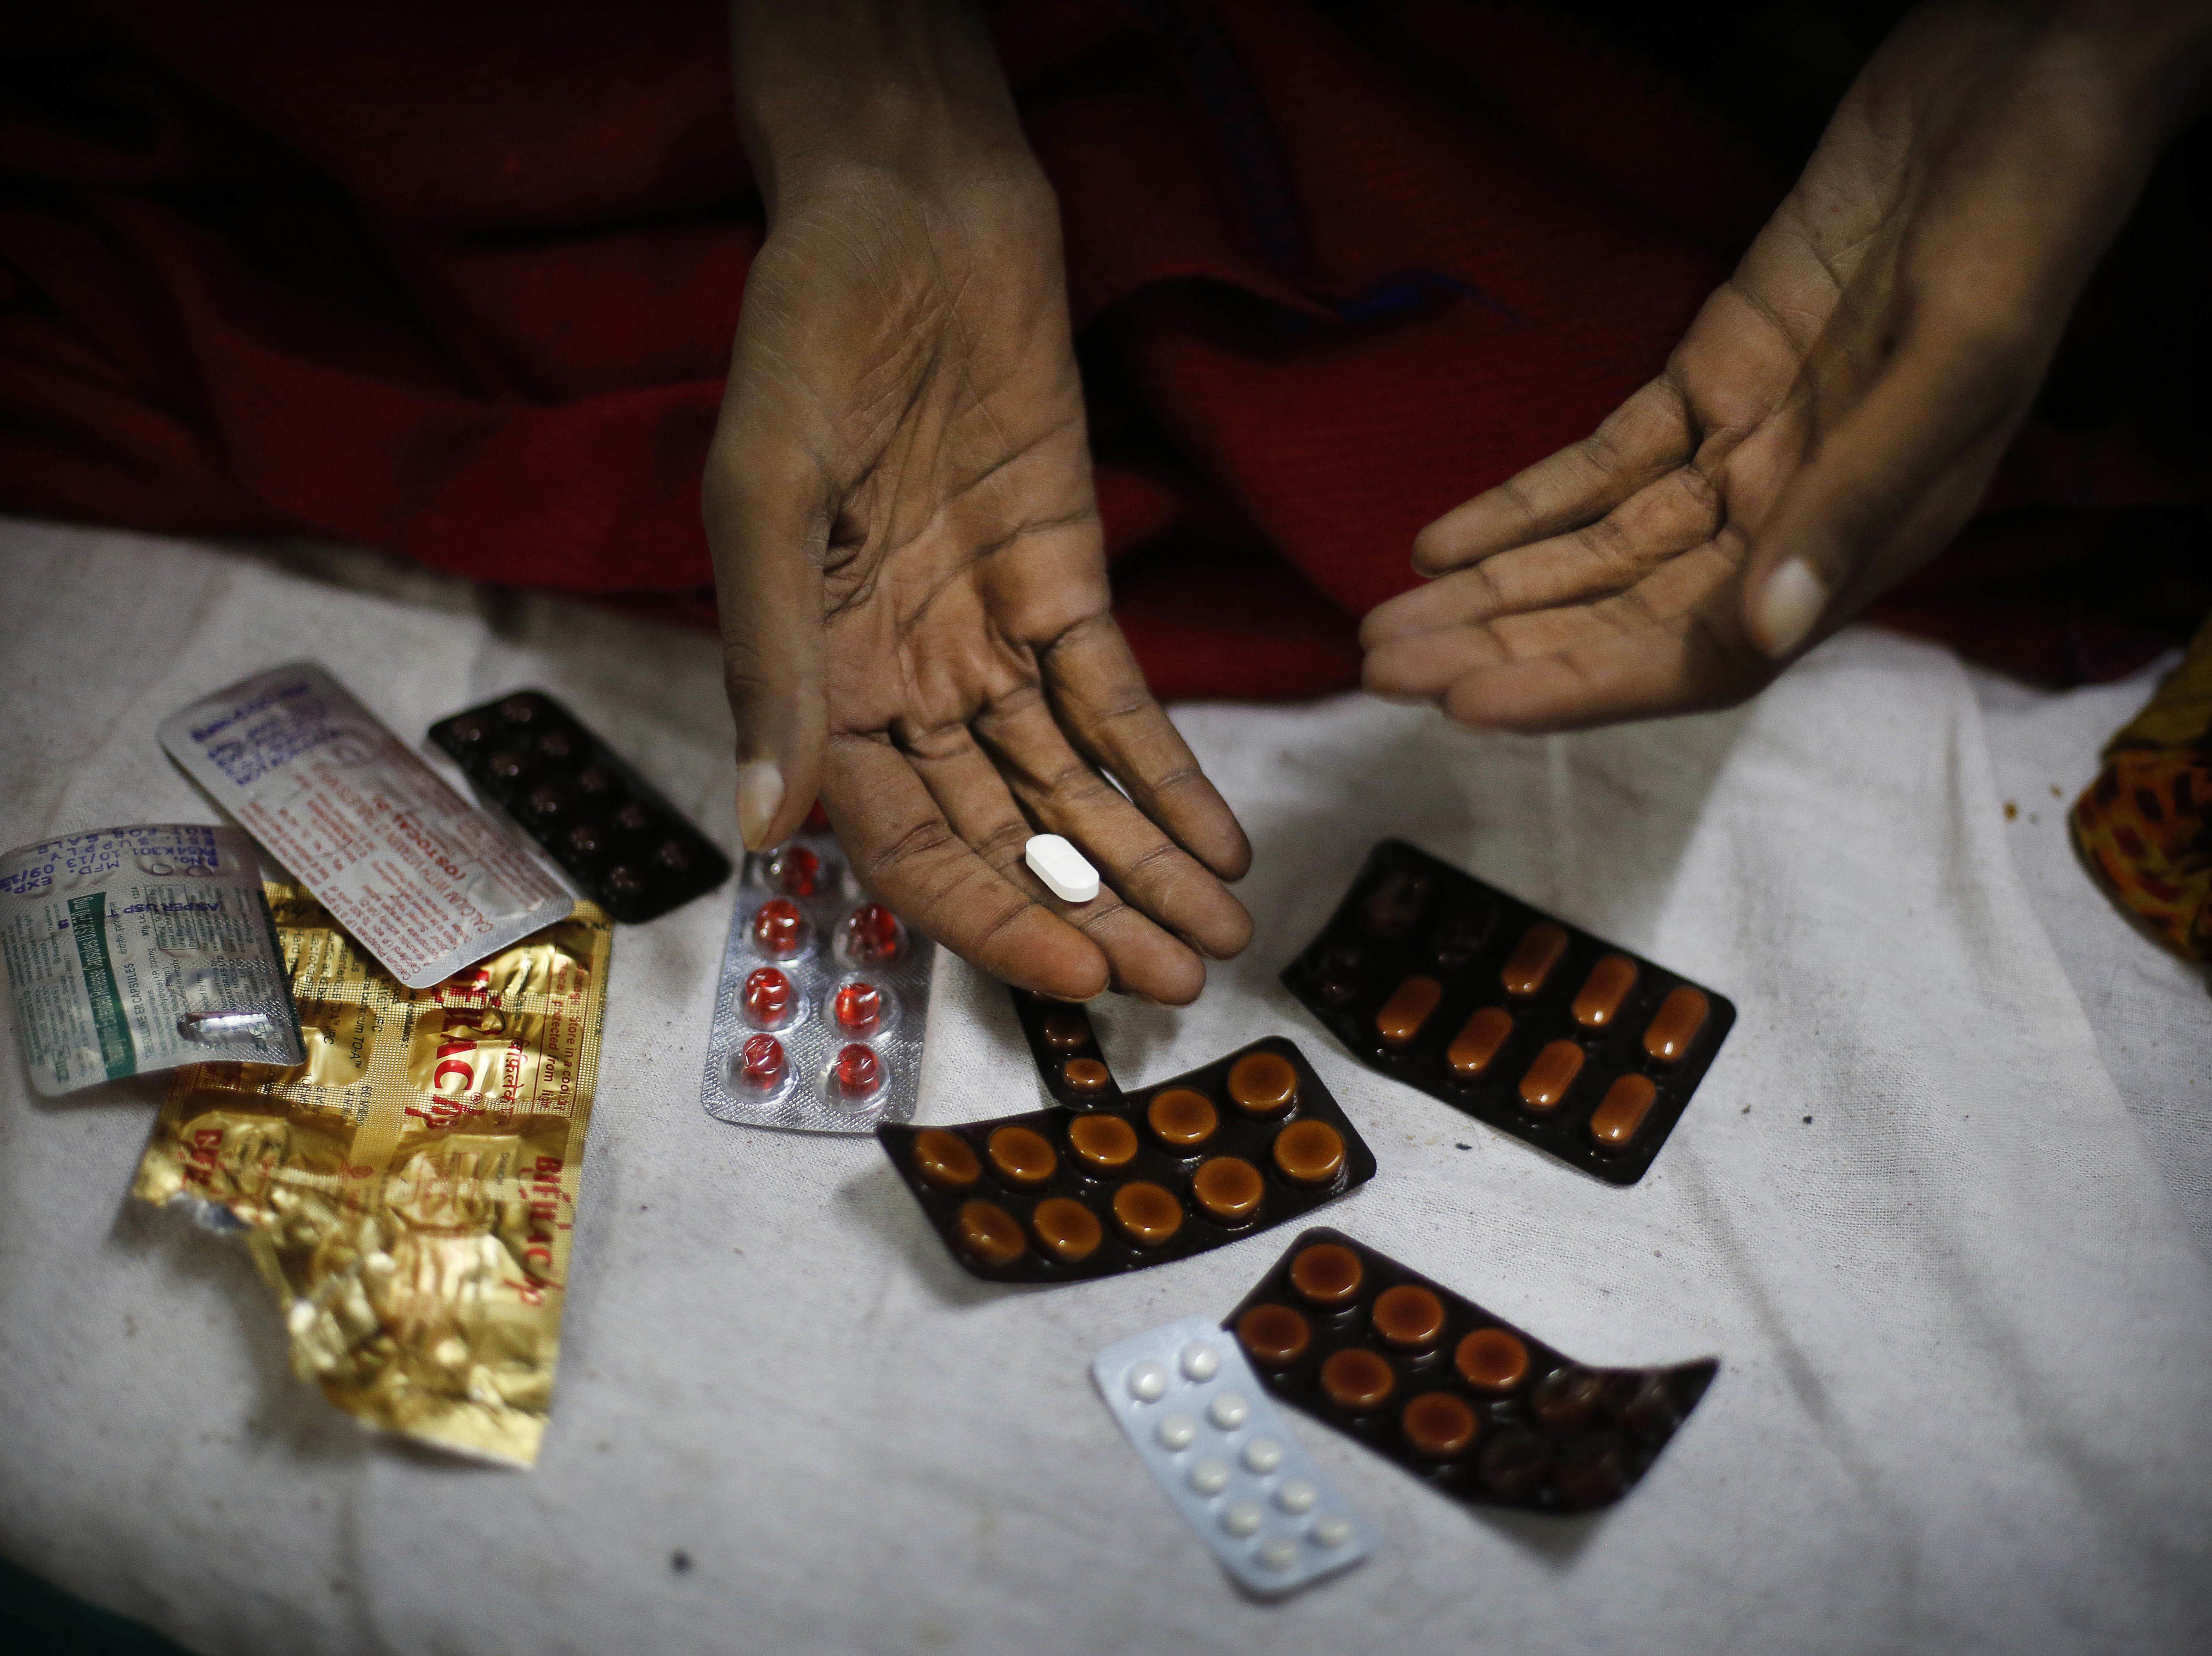 A 2014 photo shows a tuberculosis patient preparing to take his medication at Lal Bahadur Shastri Government Hospital in Varanasi, India.